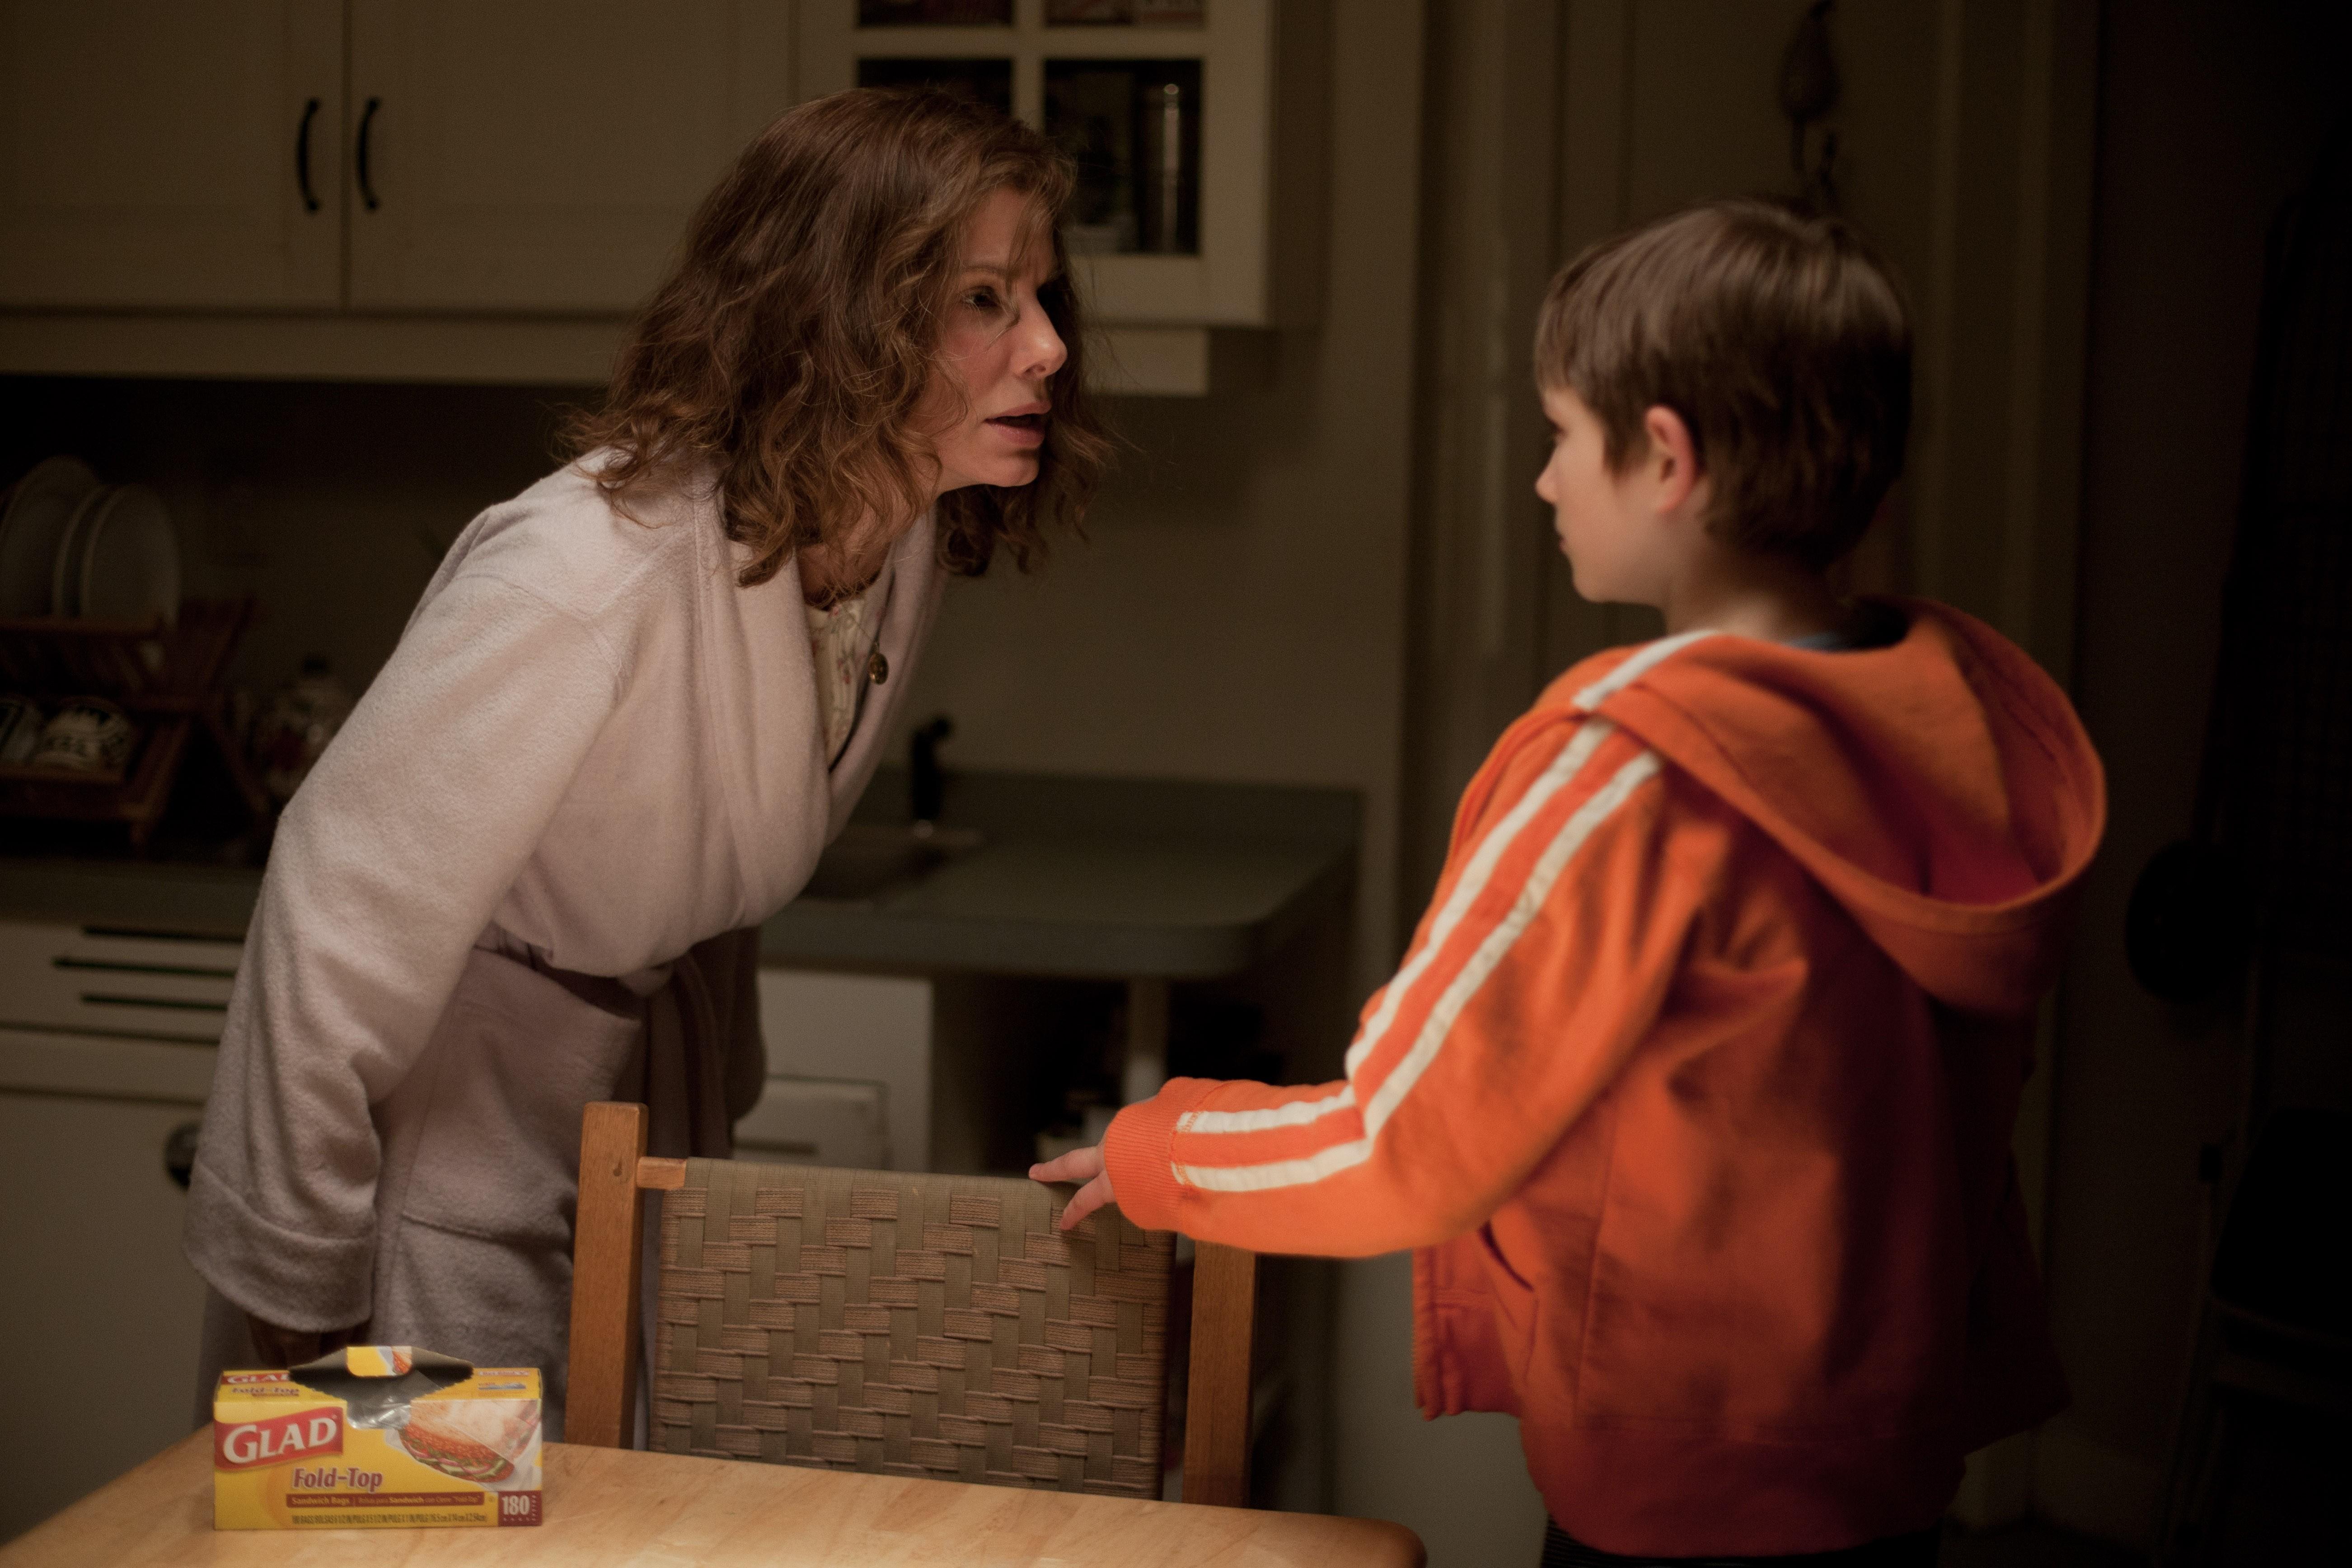 Фильмов из сына художественных соблазняет фильм мать